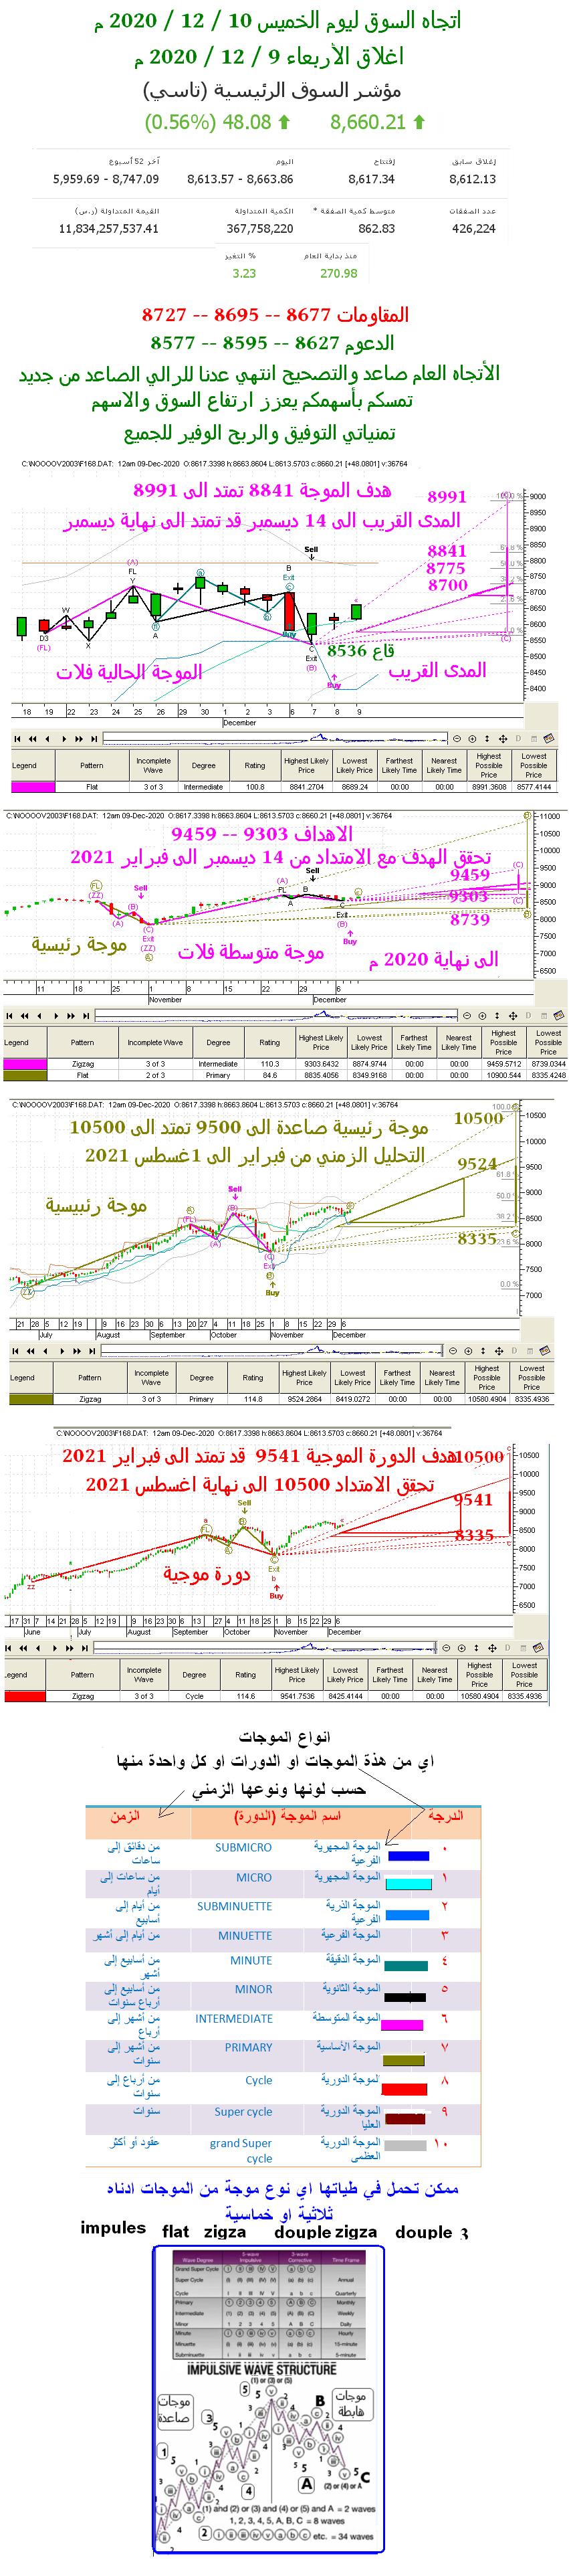 اتجاه السوق ليوم الخميس 10 / 12 / 2020 م